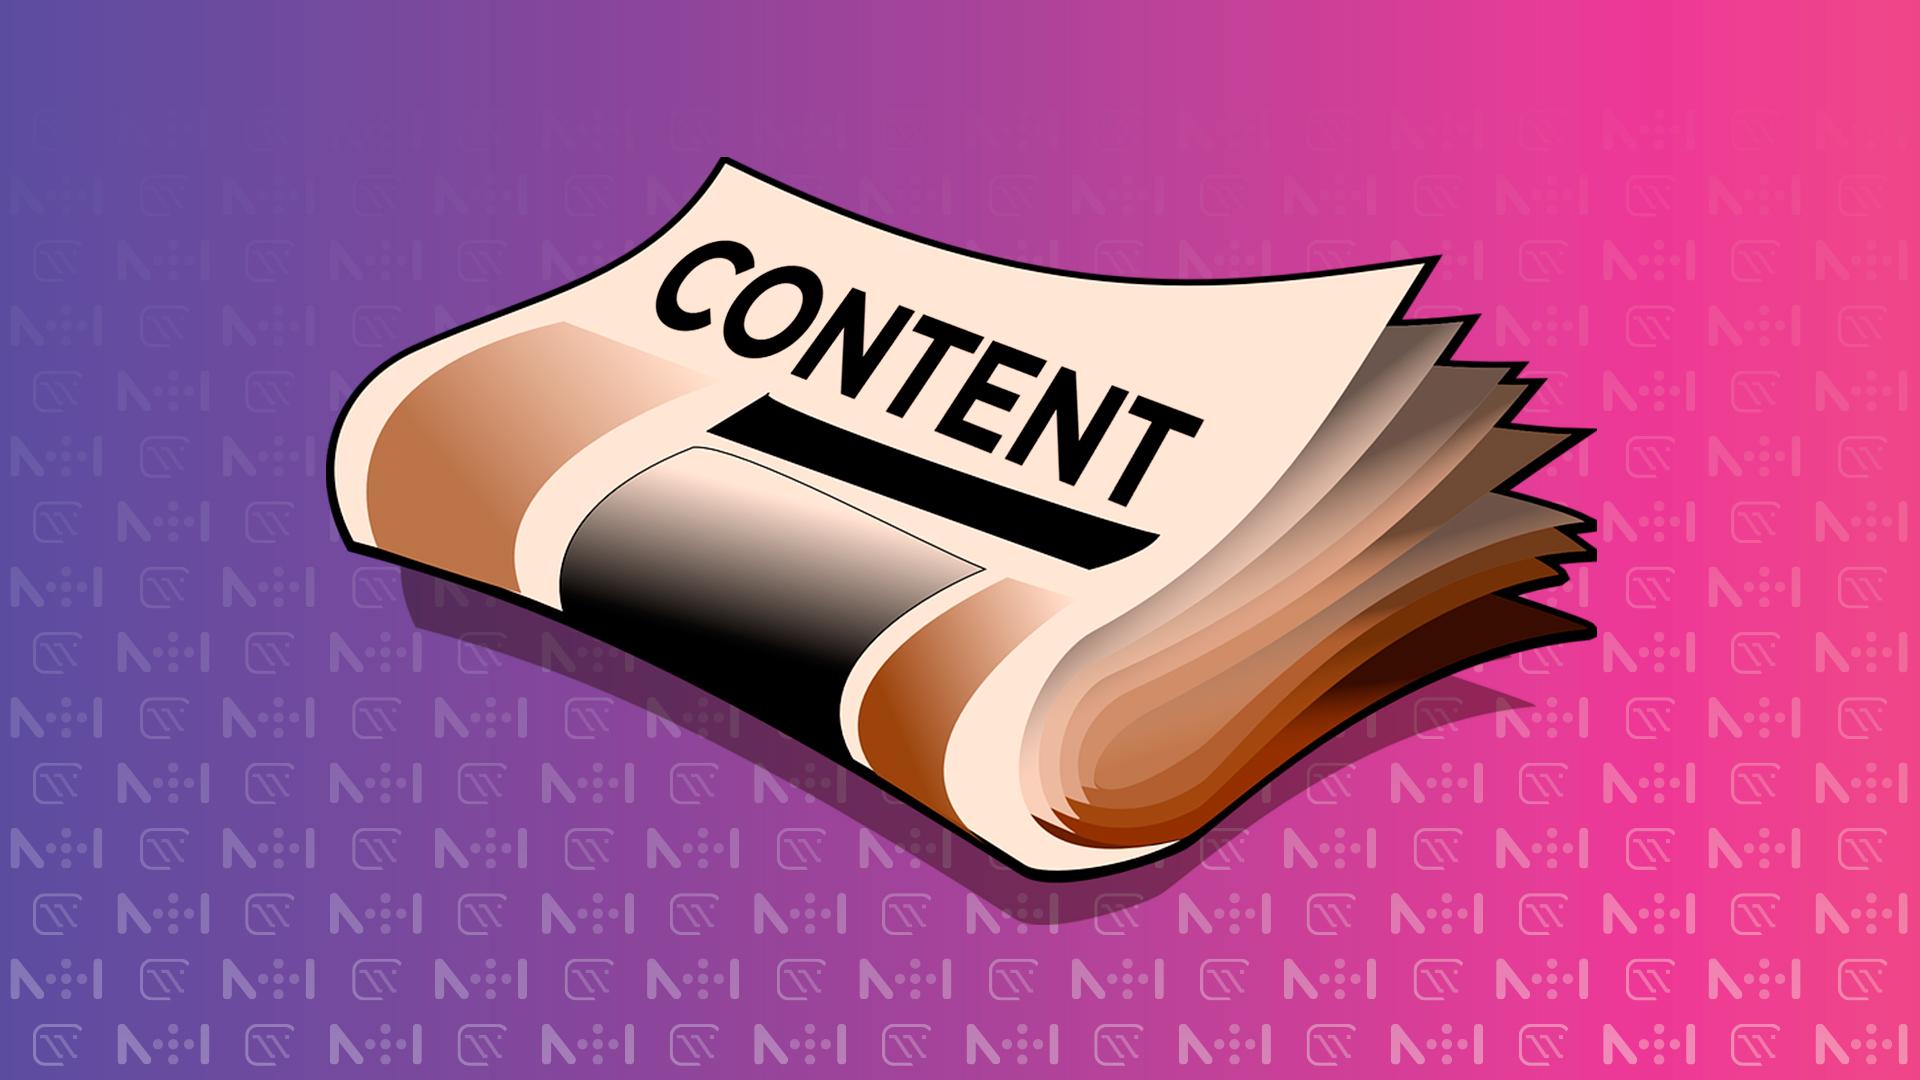 Content Offline - Contentware Hub